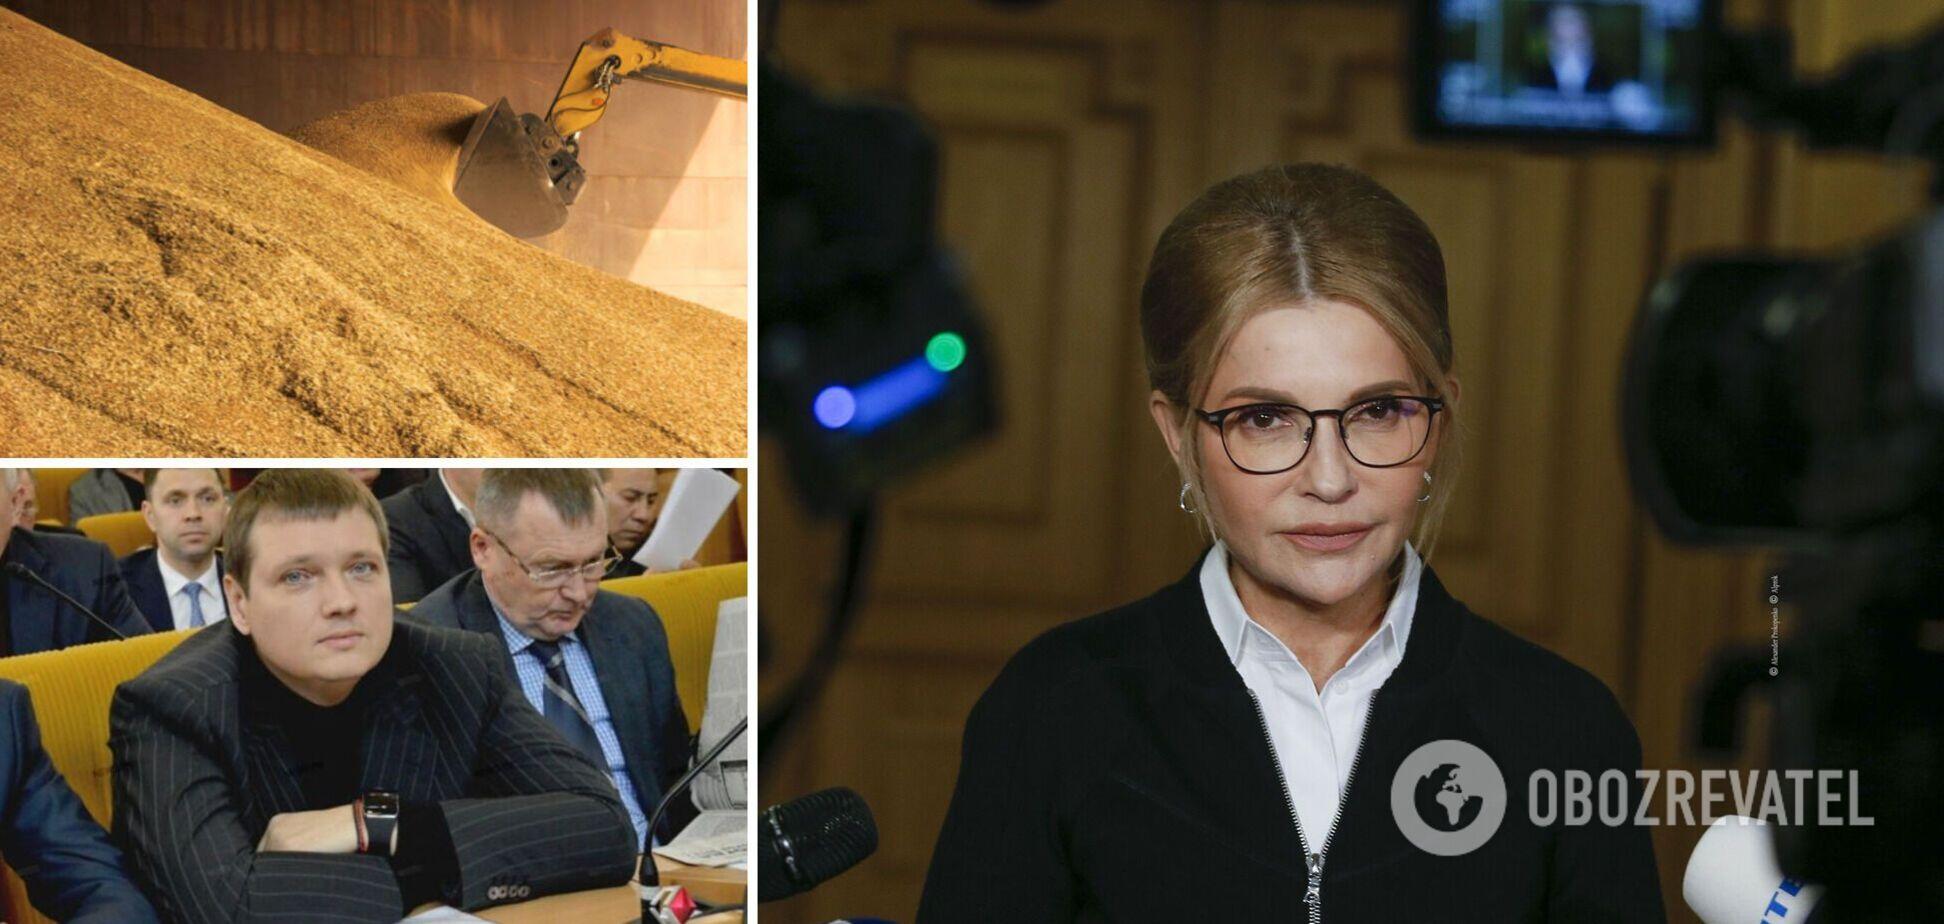 Топменеджер Юлії Тимошенко засвітився у справі про рейдерство – ЗМІ